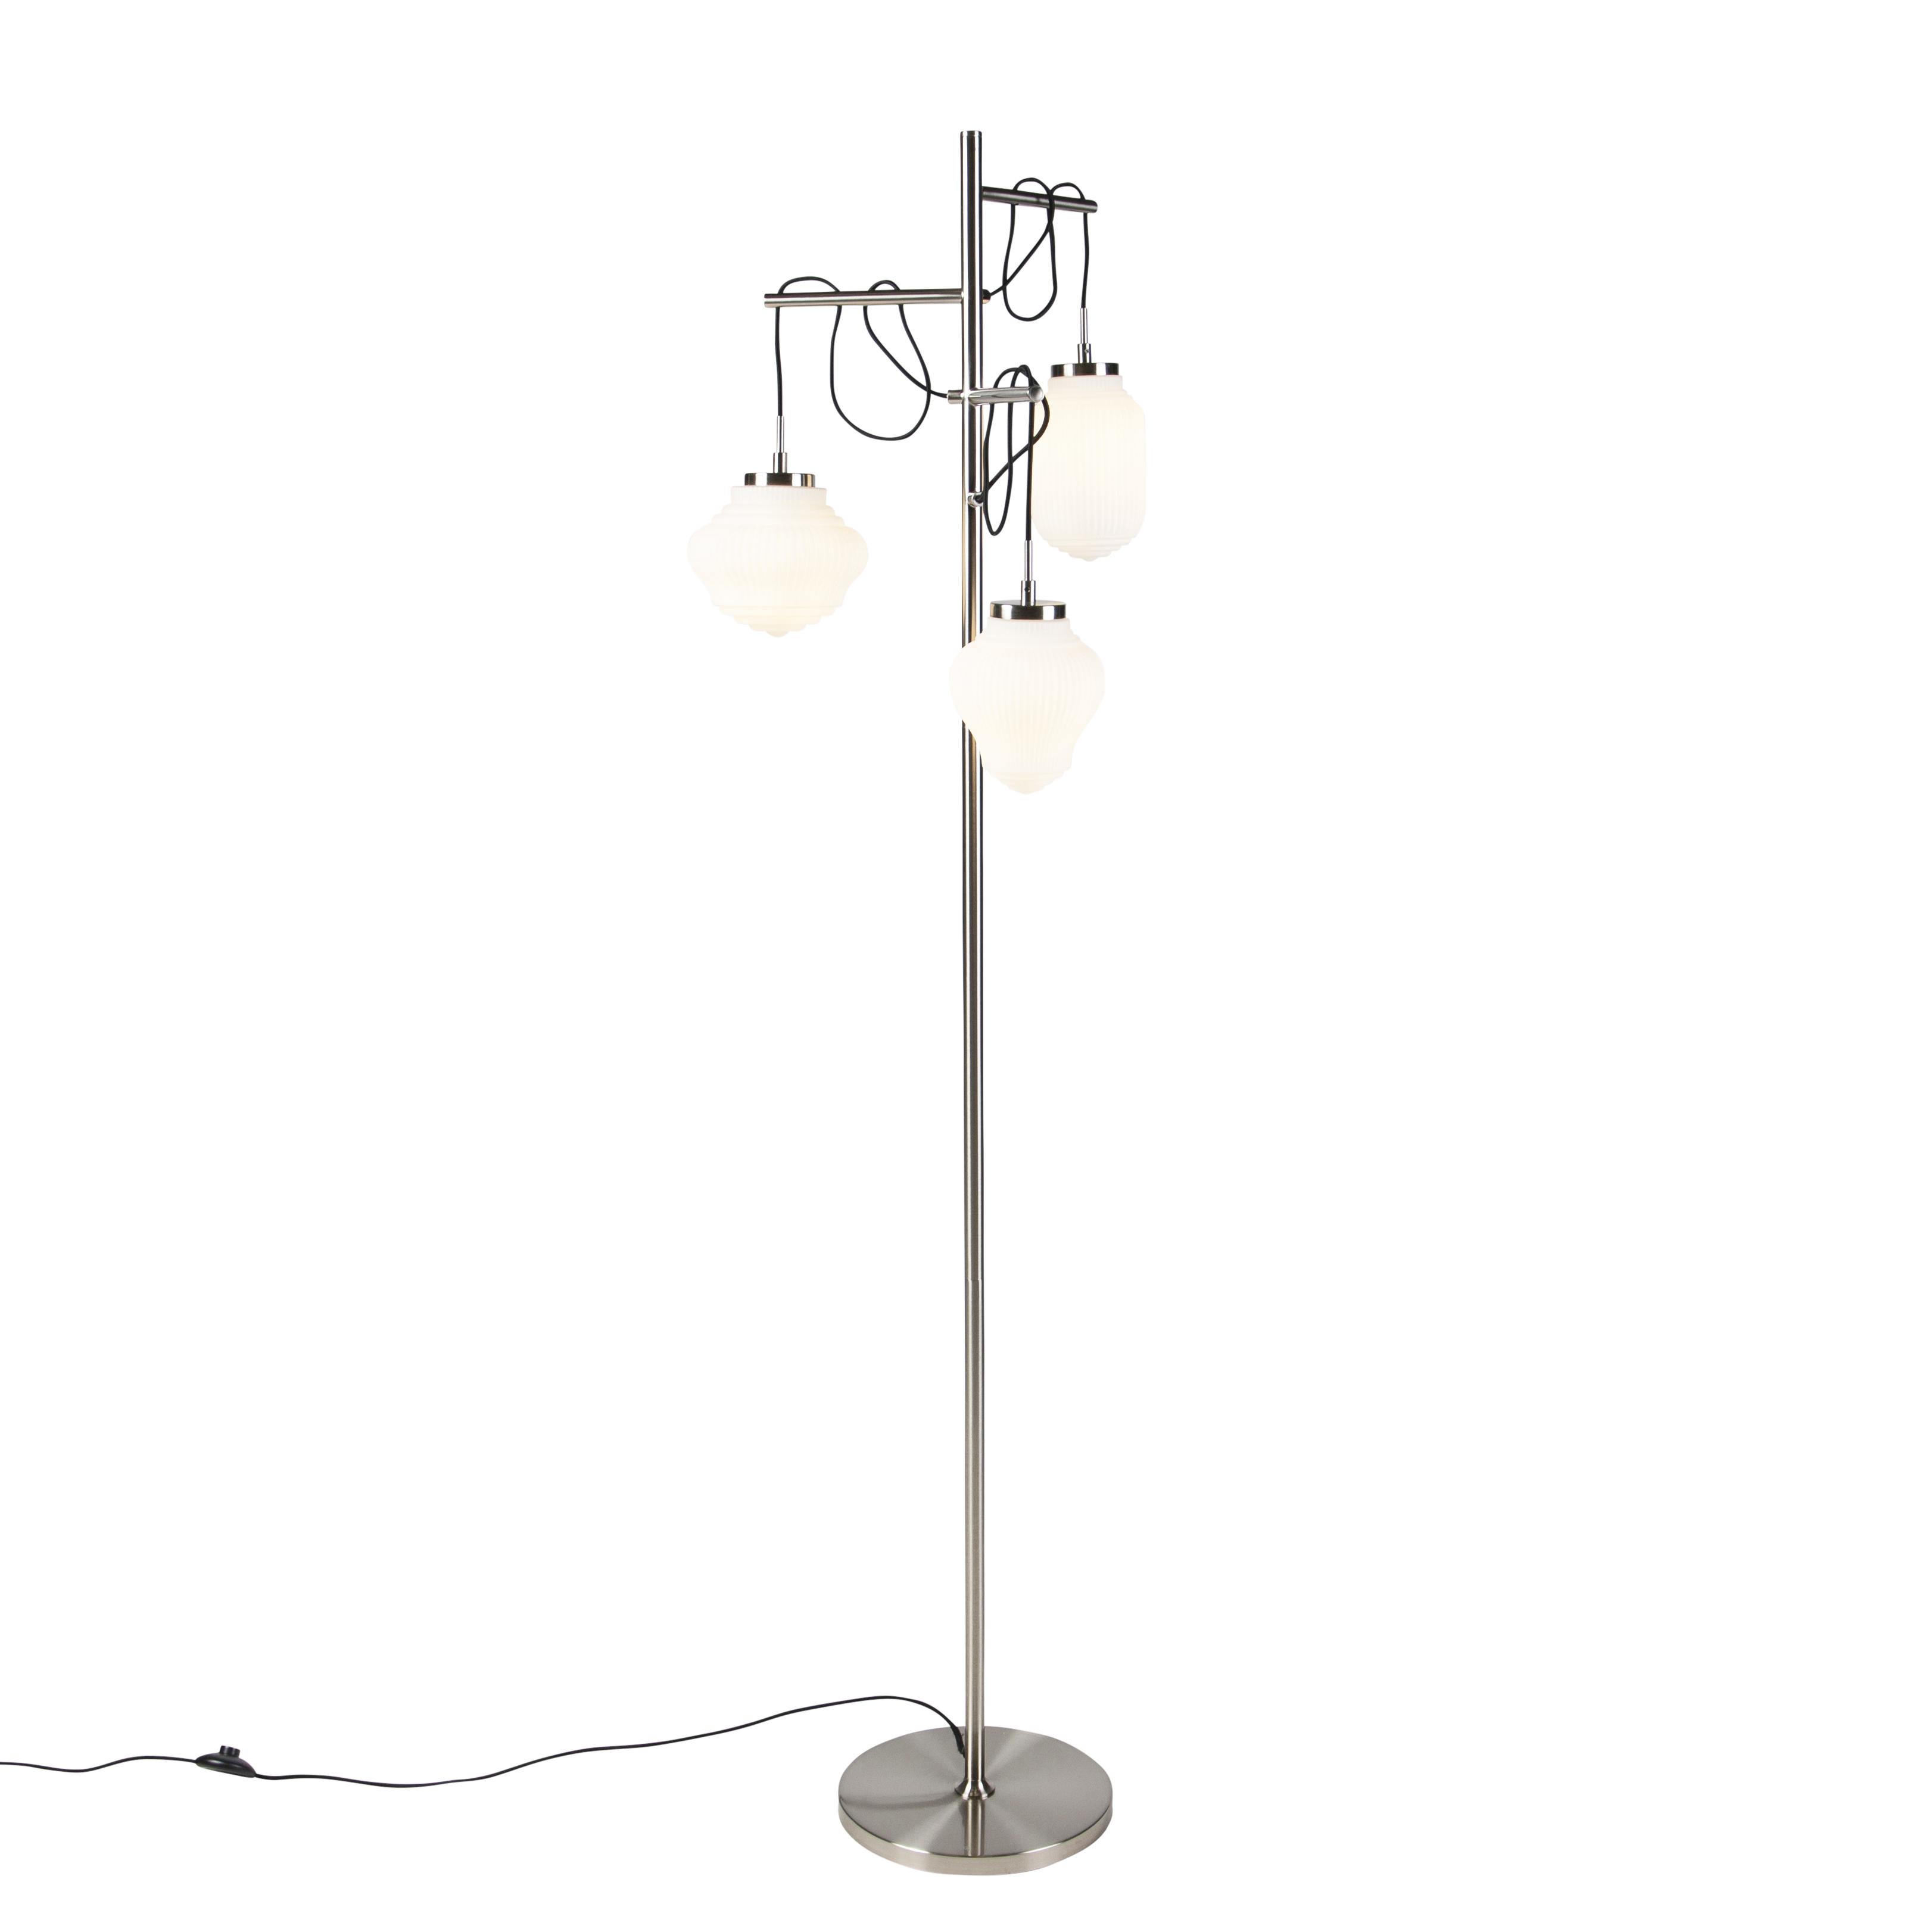 Art deco vloerlamp staal met opaal glas 3-lichts - Bolsena